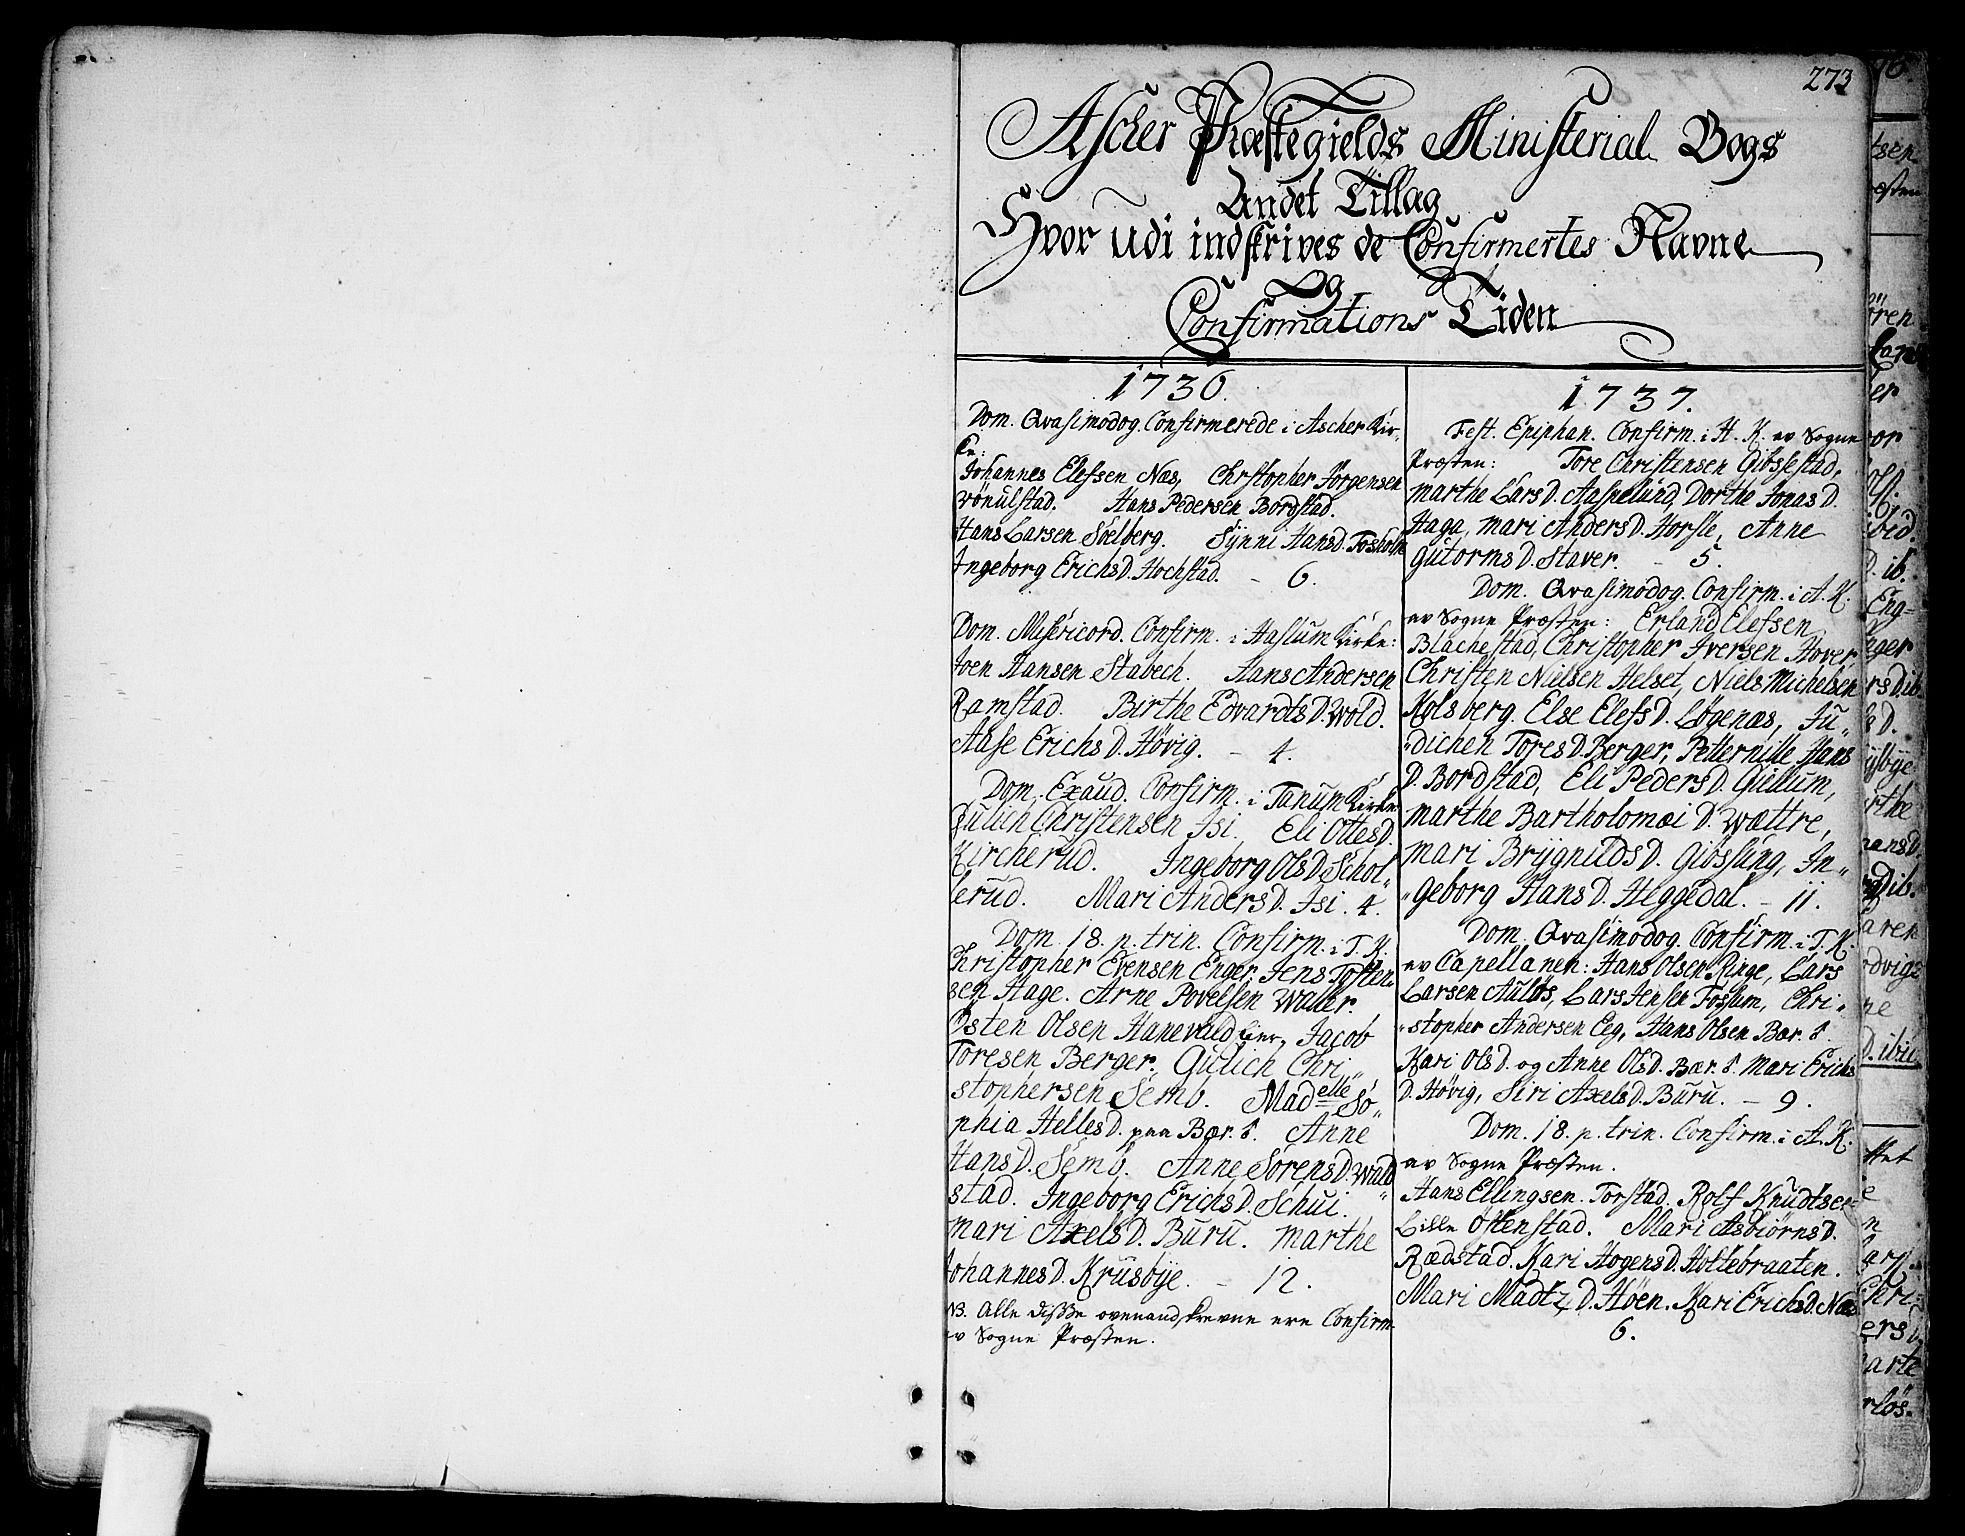 SAO, Asker prestekontor Kirkebøker, F/Fa/L0002: Ministerialbok nr. I 2, 1733-1766, s. 273